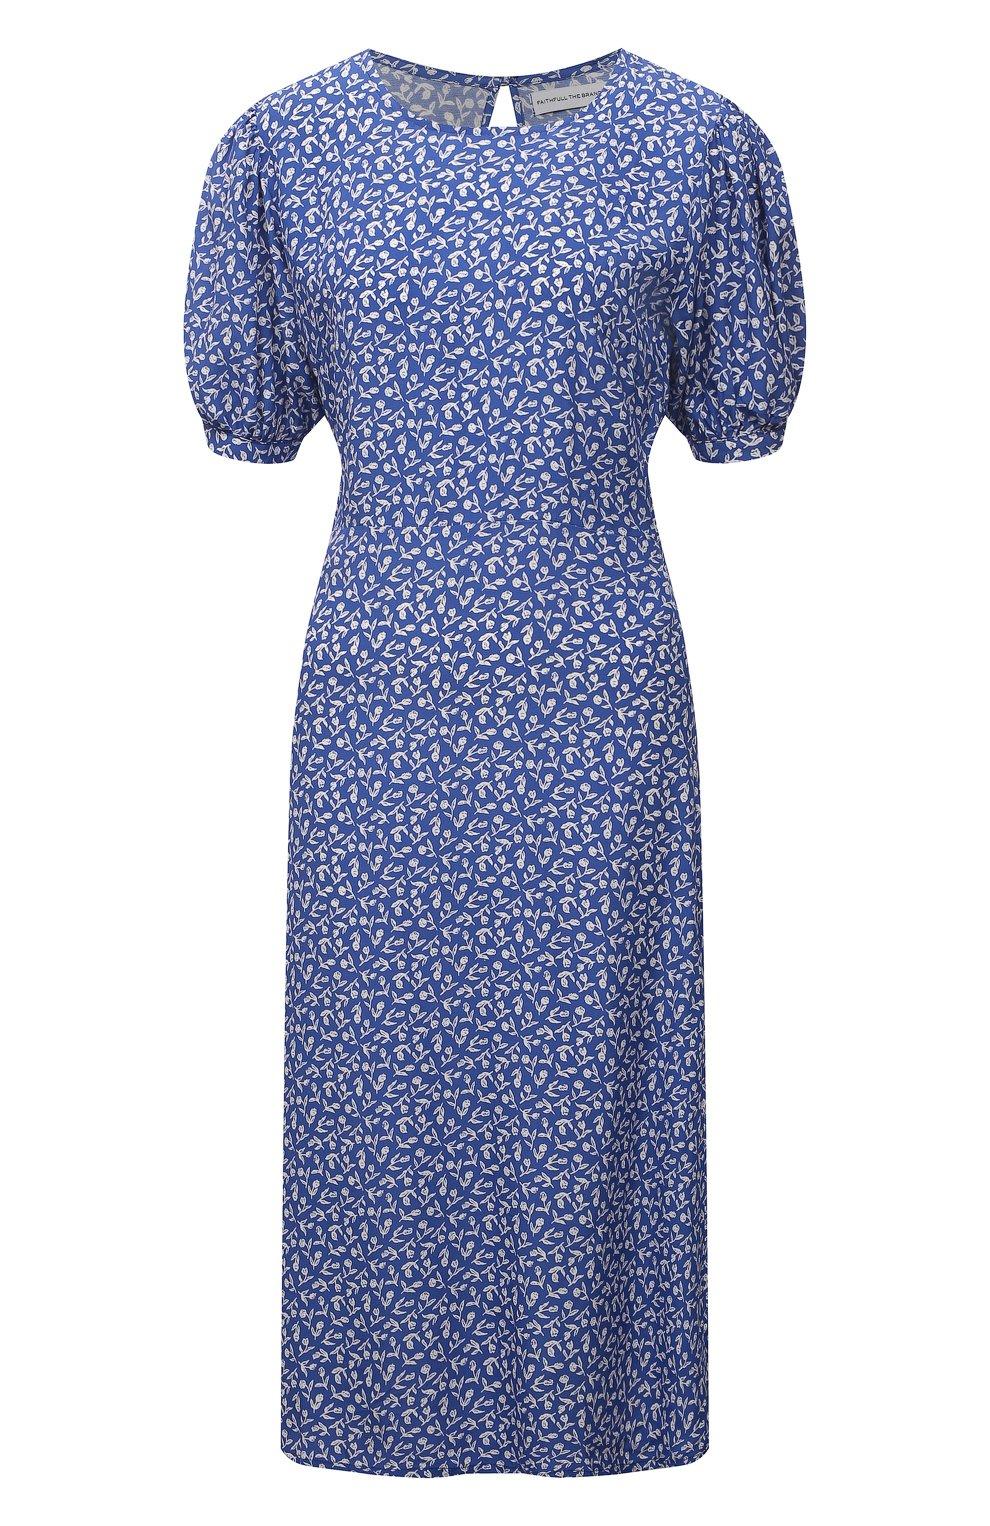 Женское платье из вискозы FAITHFULL THE BRAND синего цвета, арт. FF1742-MVB   Фото 1